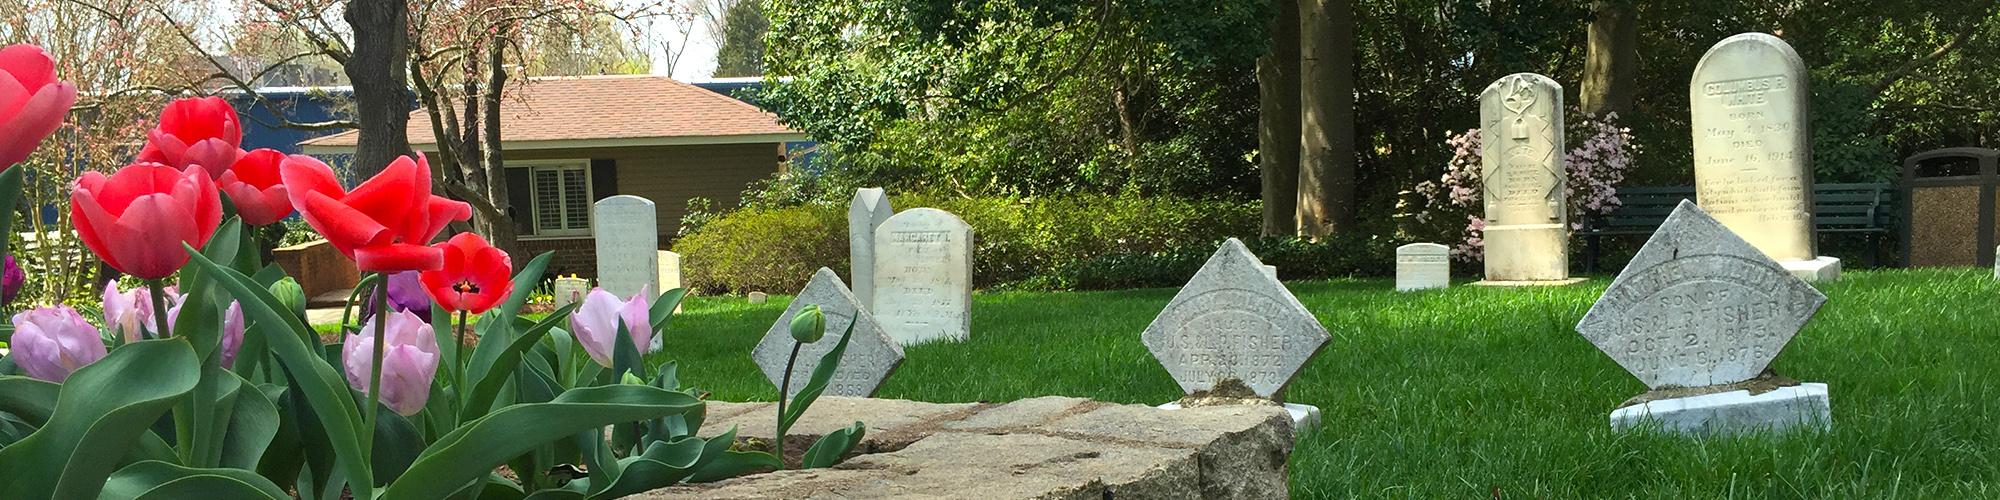 Memorial Garden First Presbyterian Church Concord